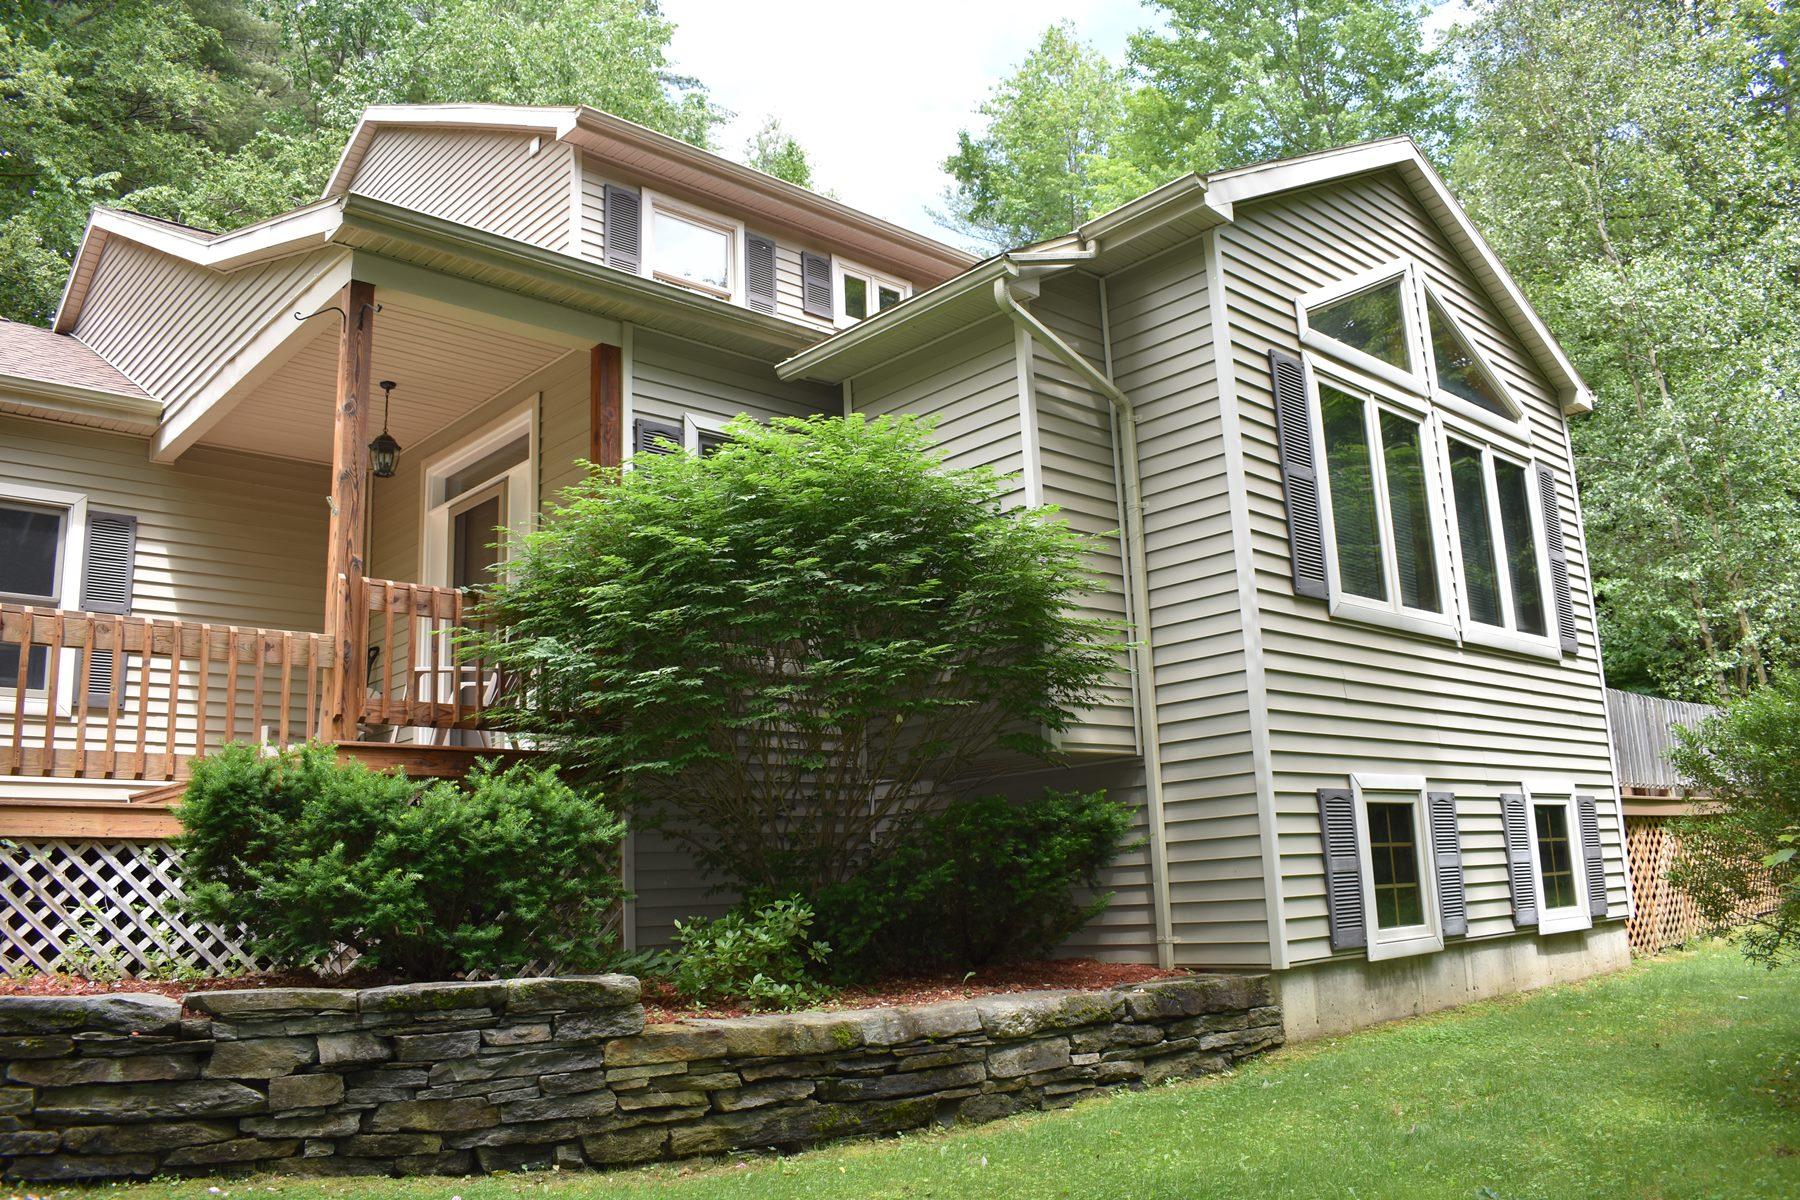 独户住宅 为 销售 在 29 Bradley Bow 12, Jericho 杰里科, 佛蒙特州, 05465 美国